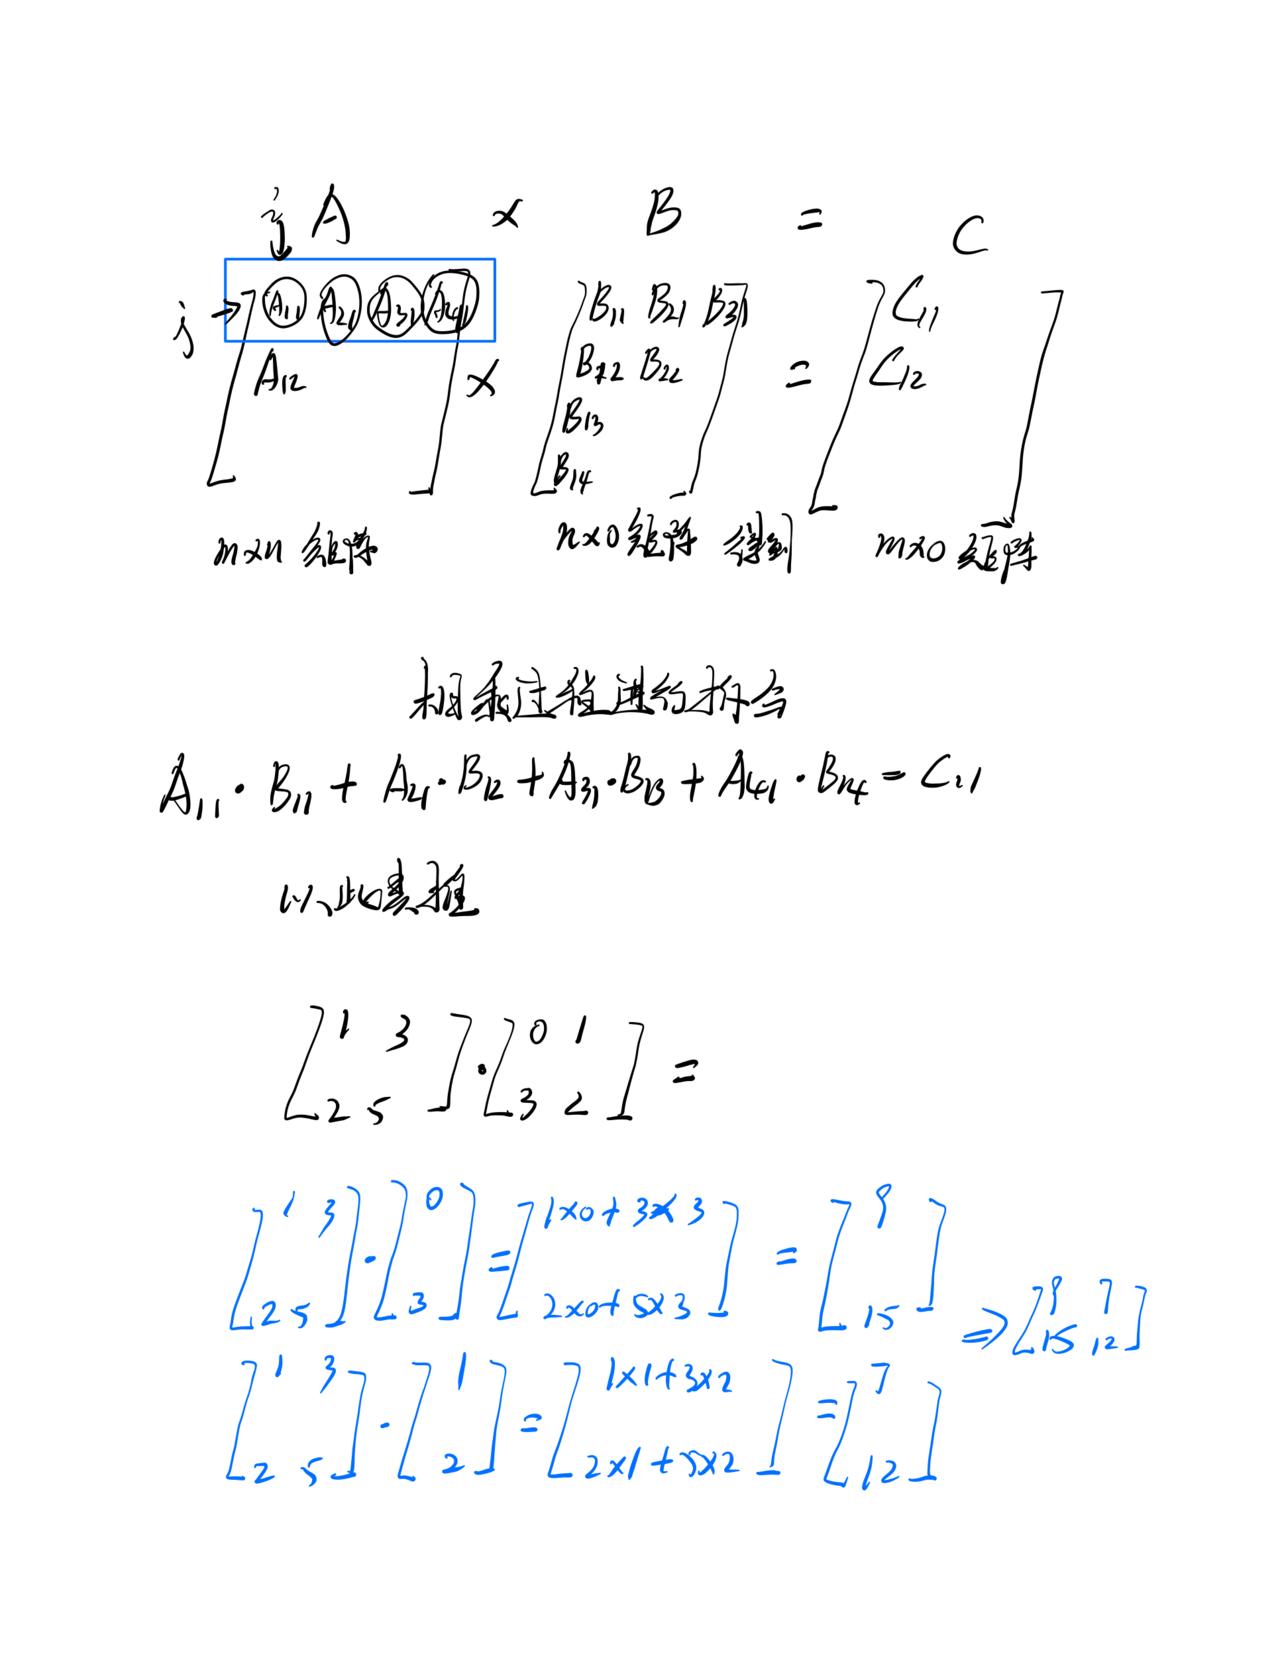 b1e82c2a76c26c808befb35631073fa.png